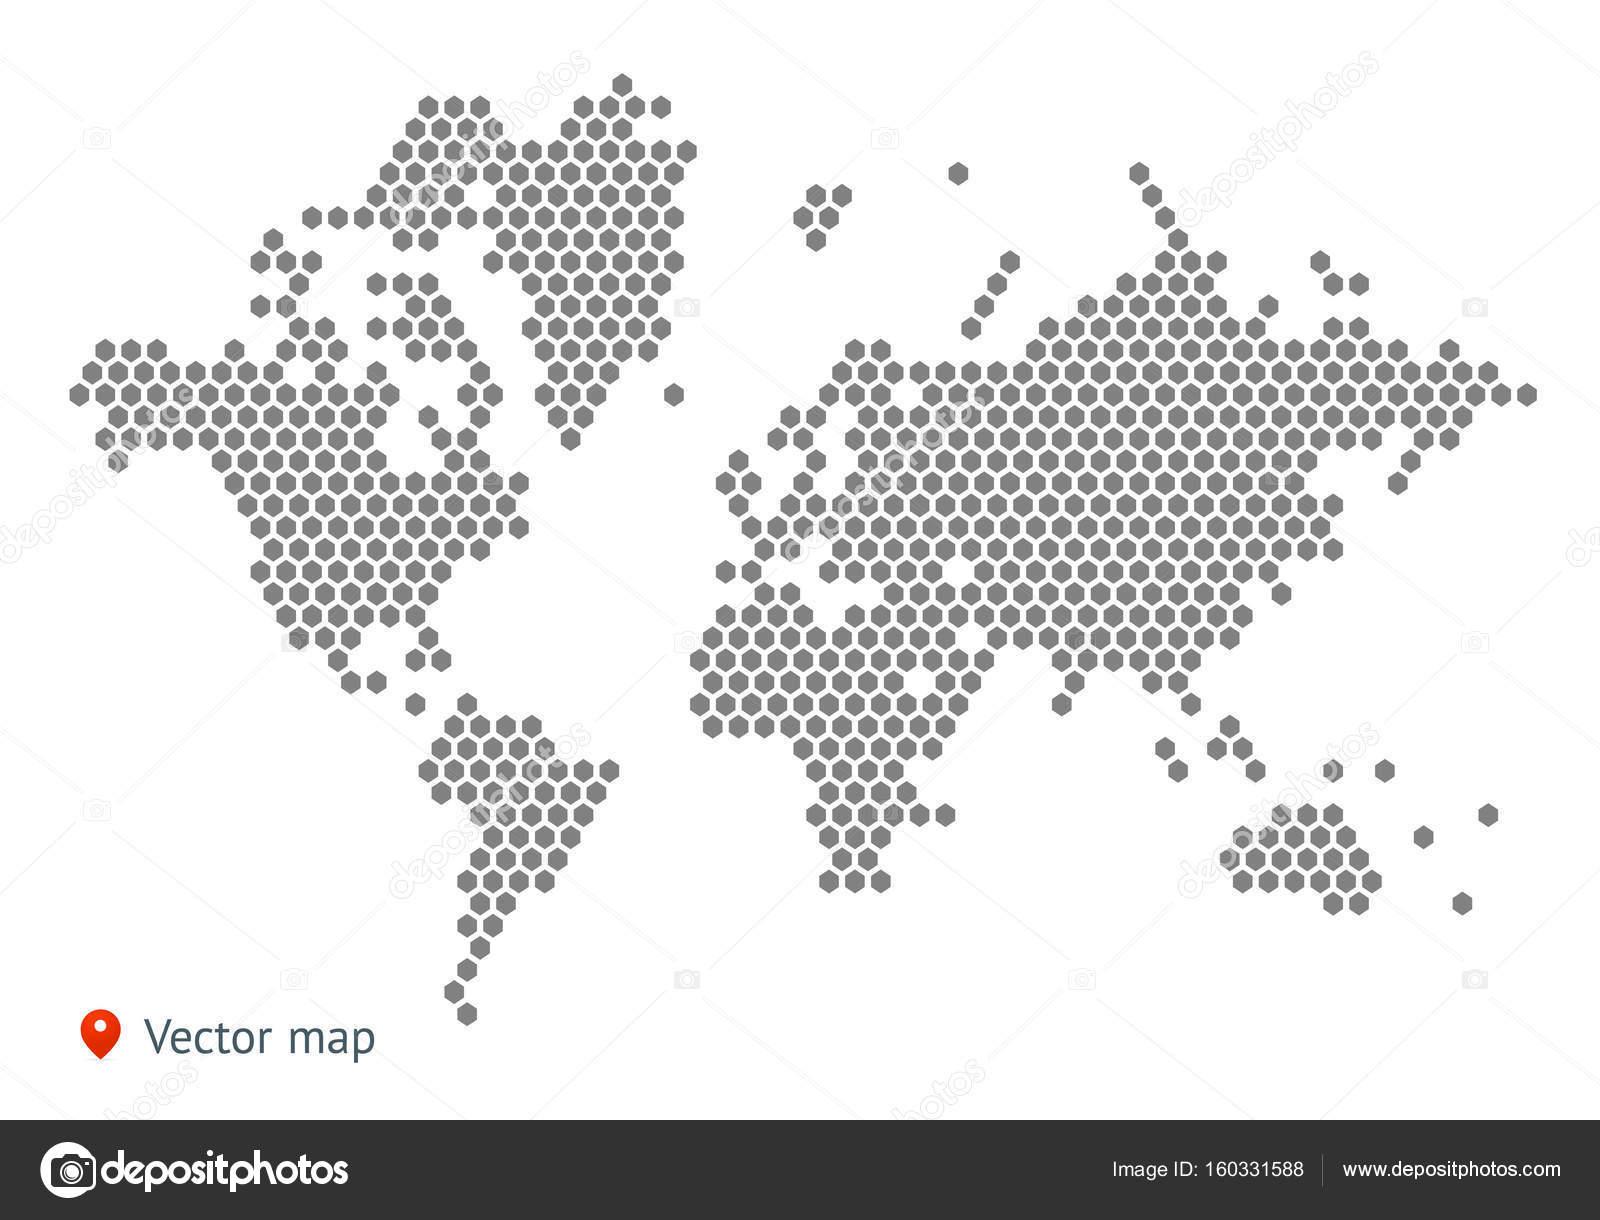 Abstract Map Of The World.Abstract Map Of The World Stock Vector C Uzhveko 160331588